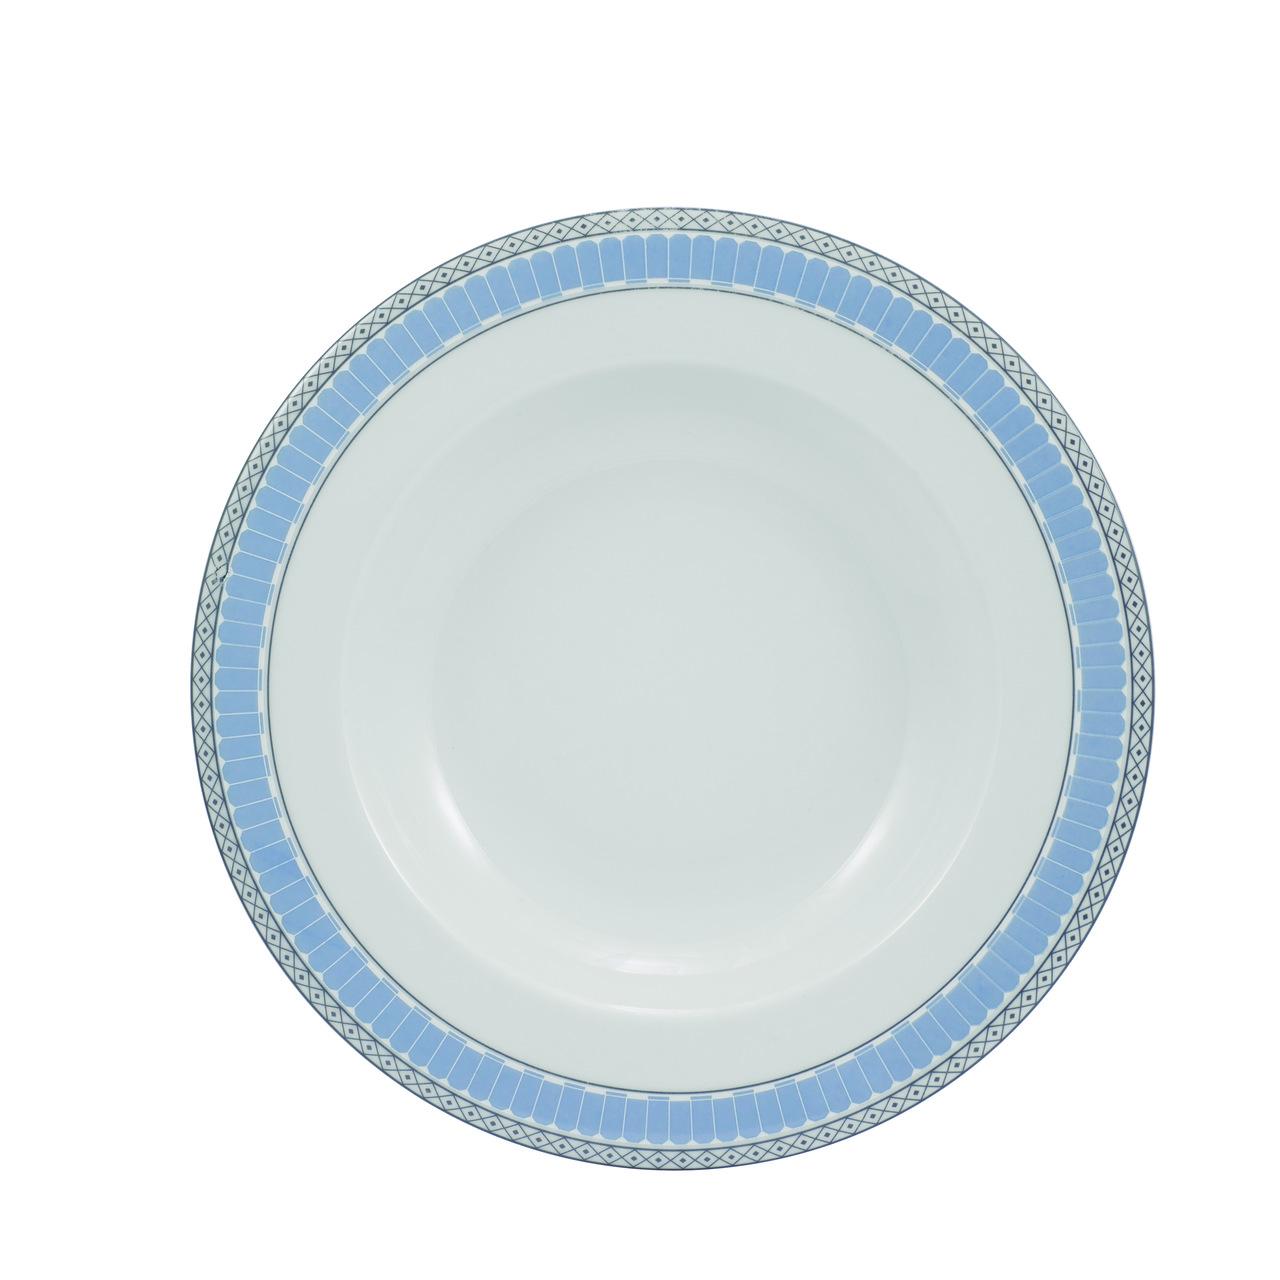 Serviço De Jantar E Chá Em Porcelana 20 Peças - Diva Schmidt